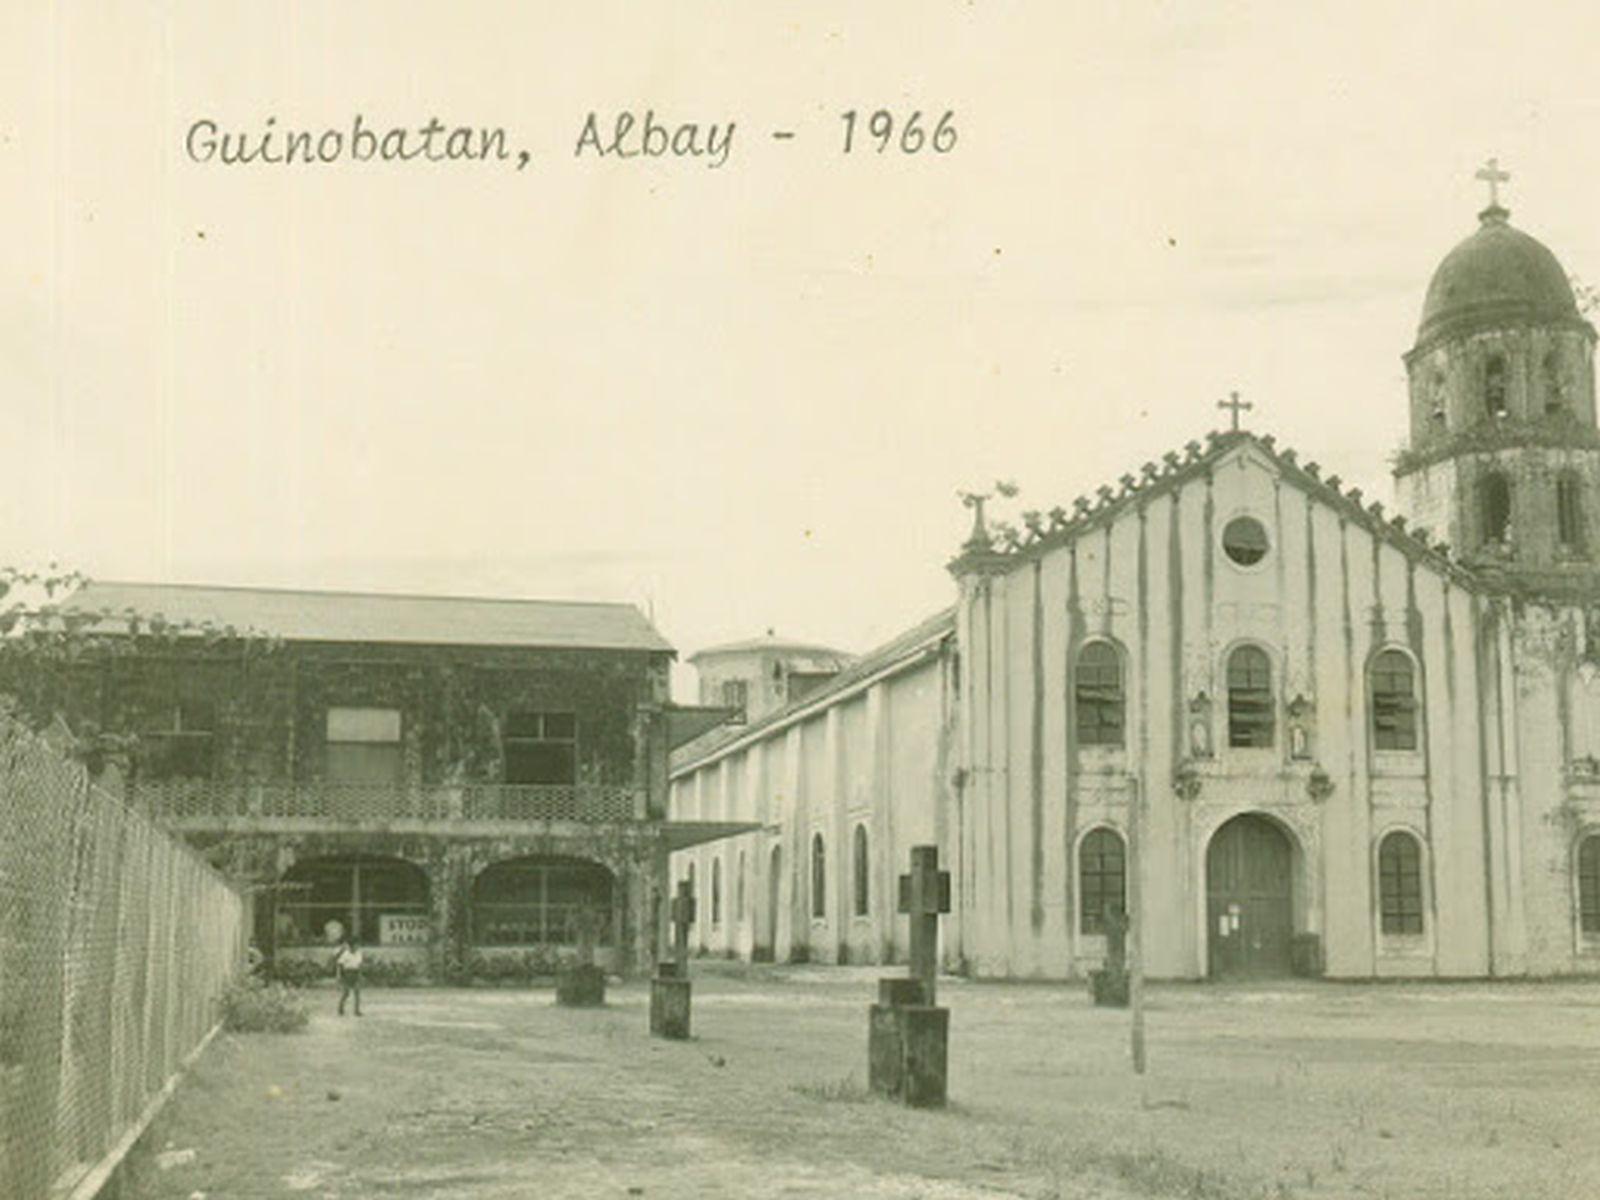 PHILIPPINEN REISEN - ORTE - SOUTHERN LUZON - ALBAY - Touristische Ortsbeschreibung für Guinobatan